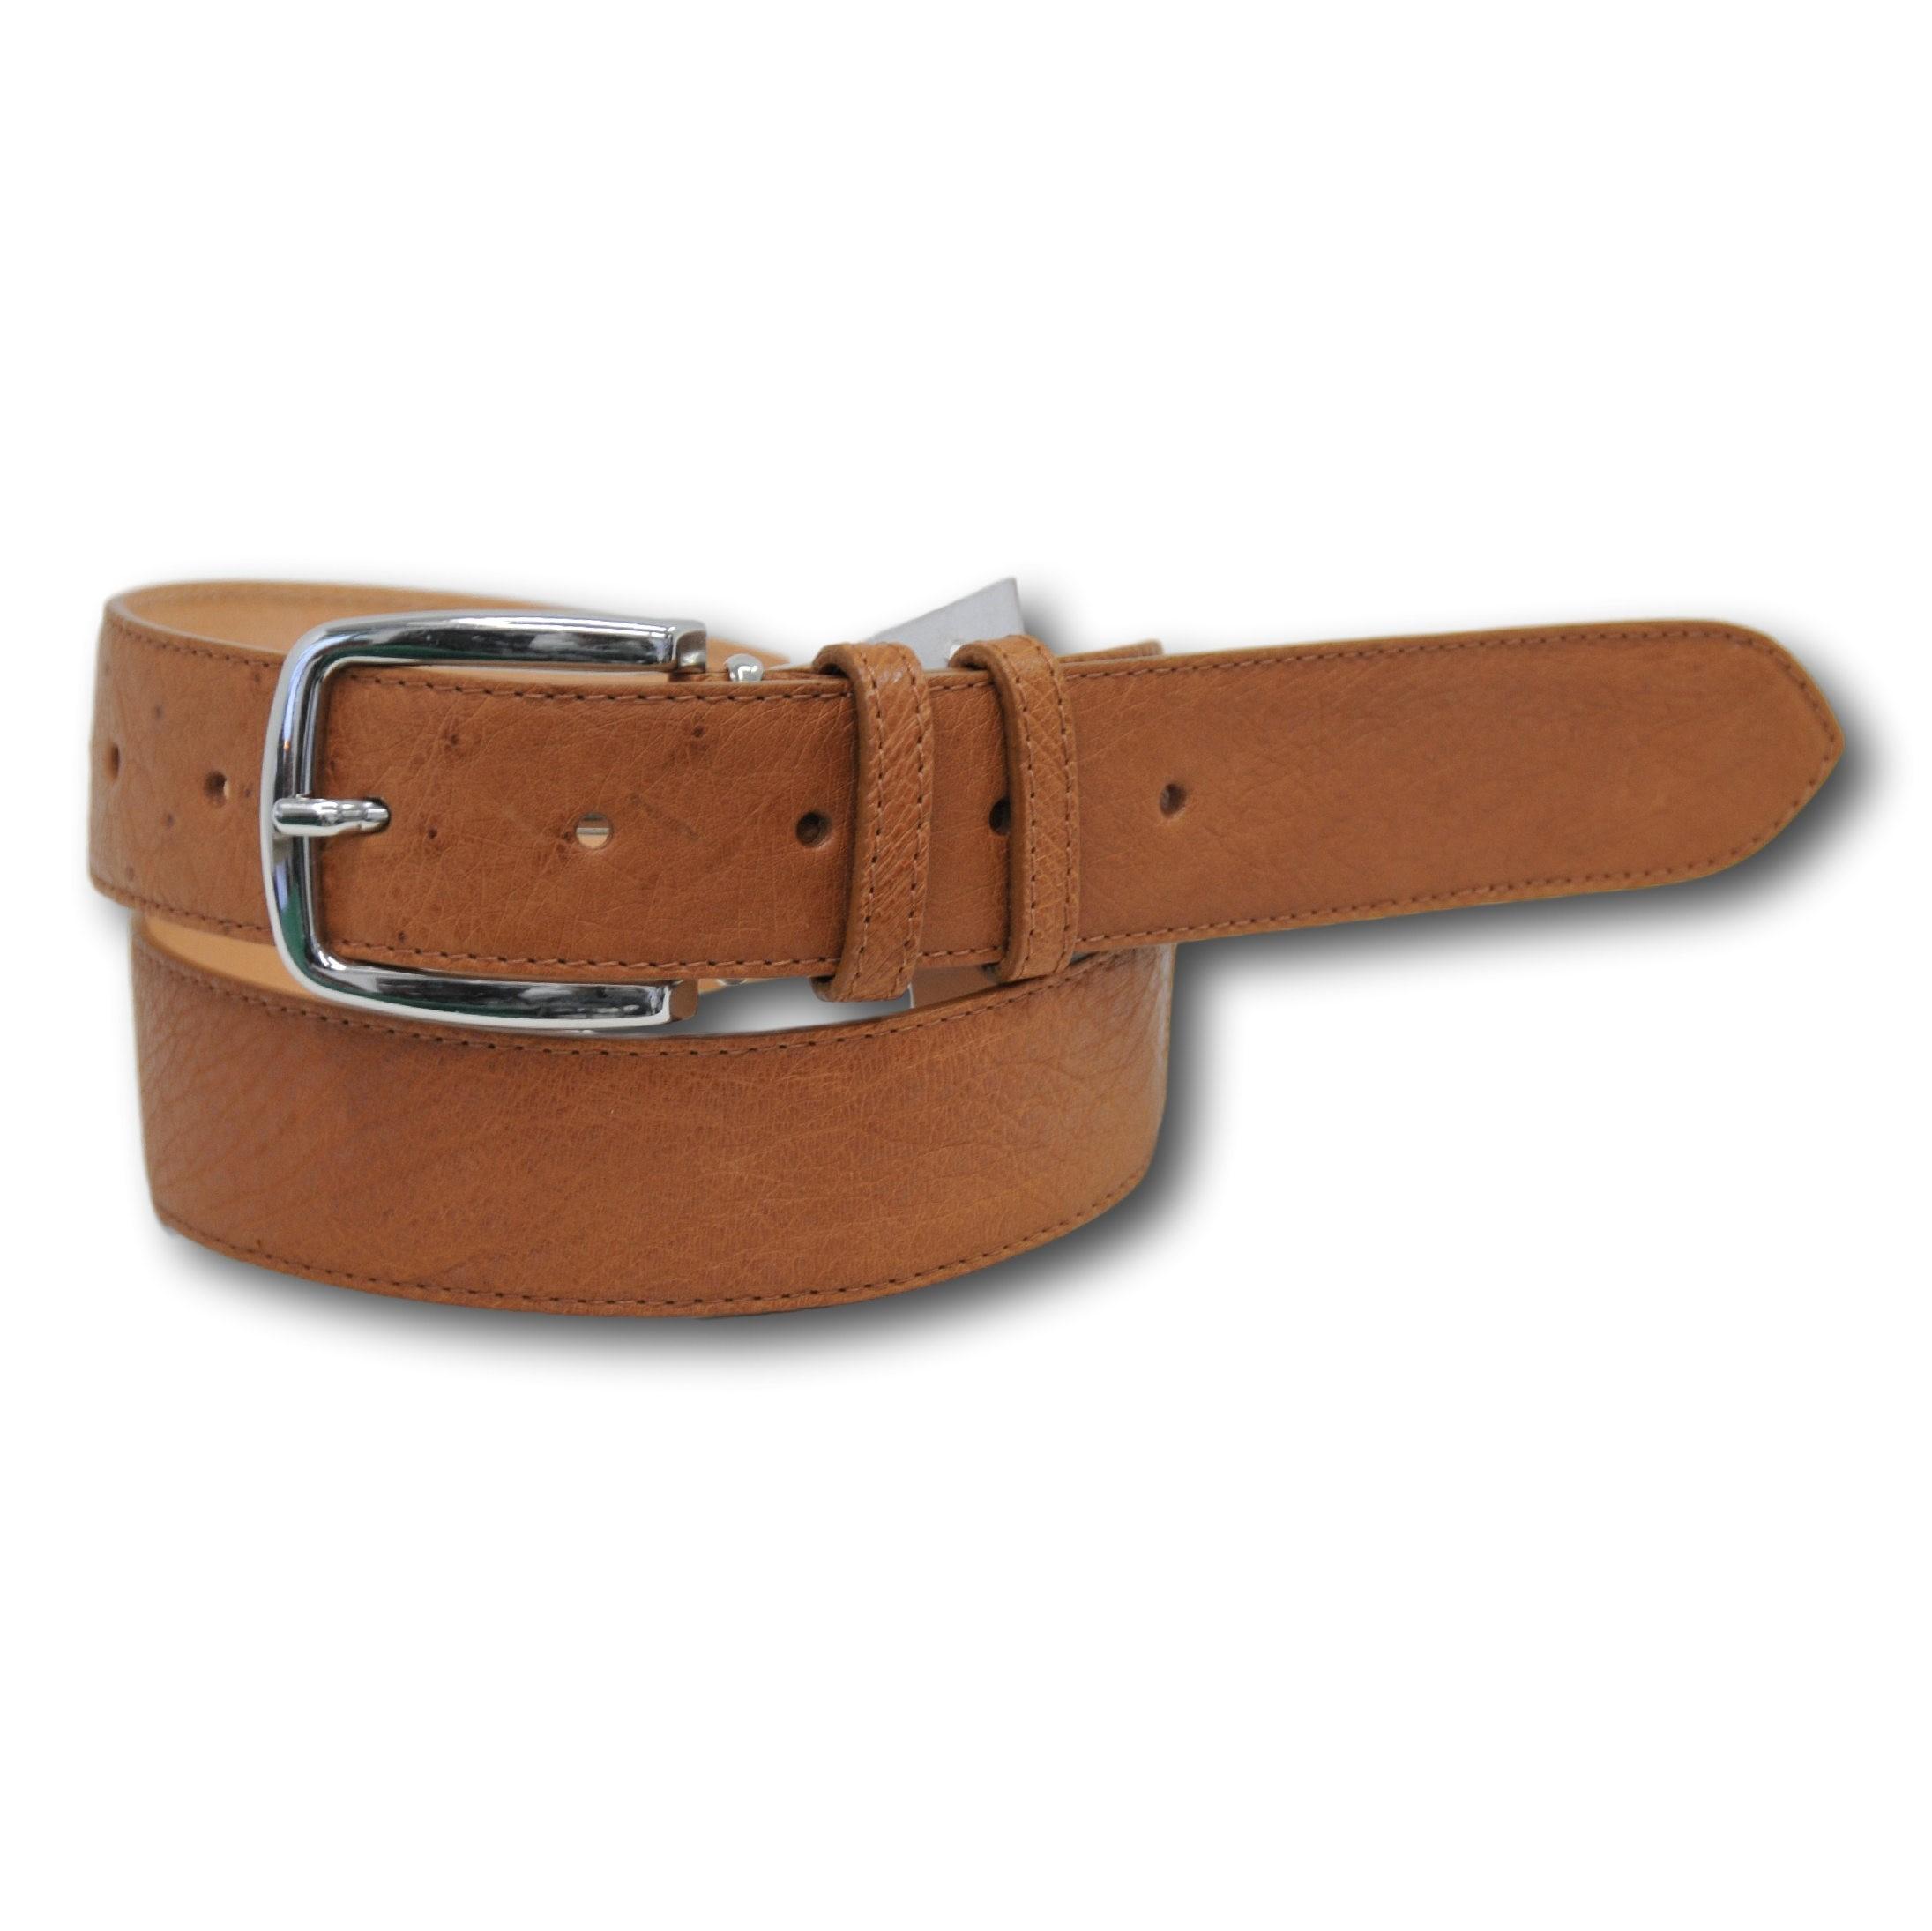 Cintura in vera pelle di stuzzo